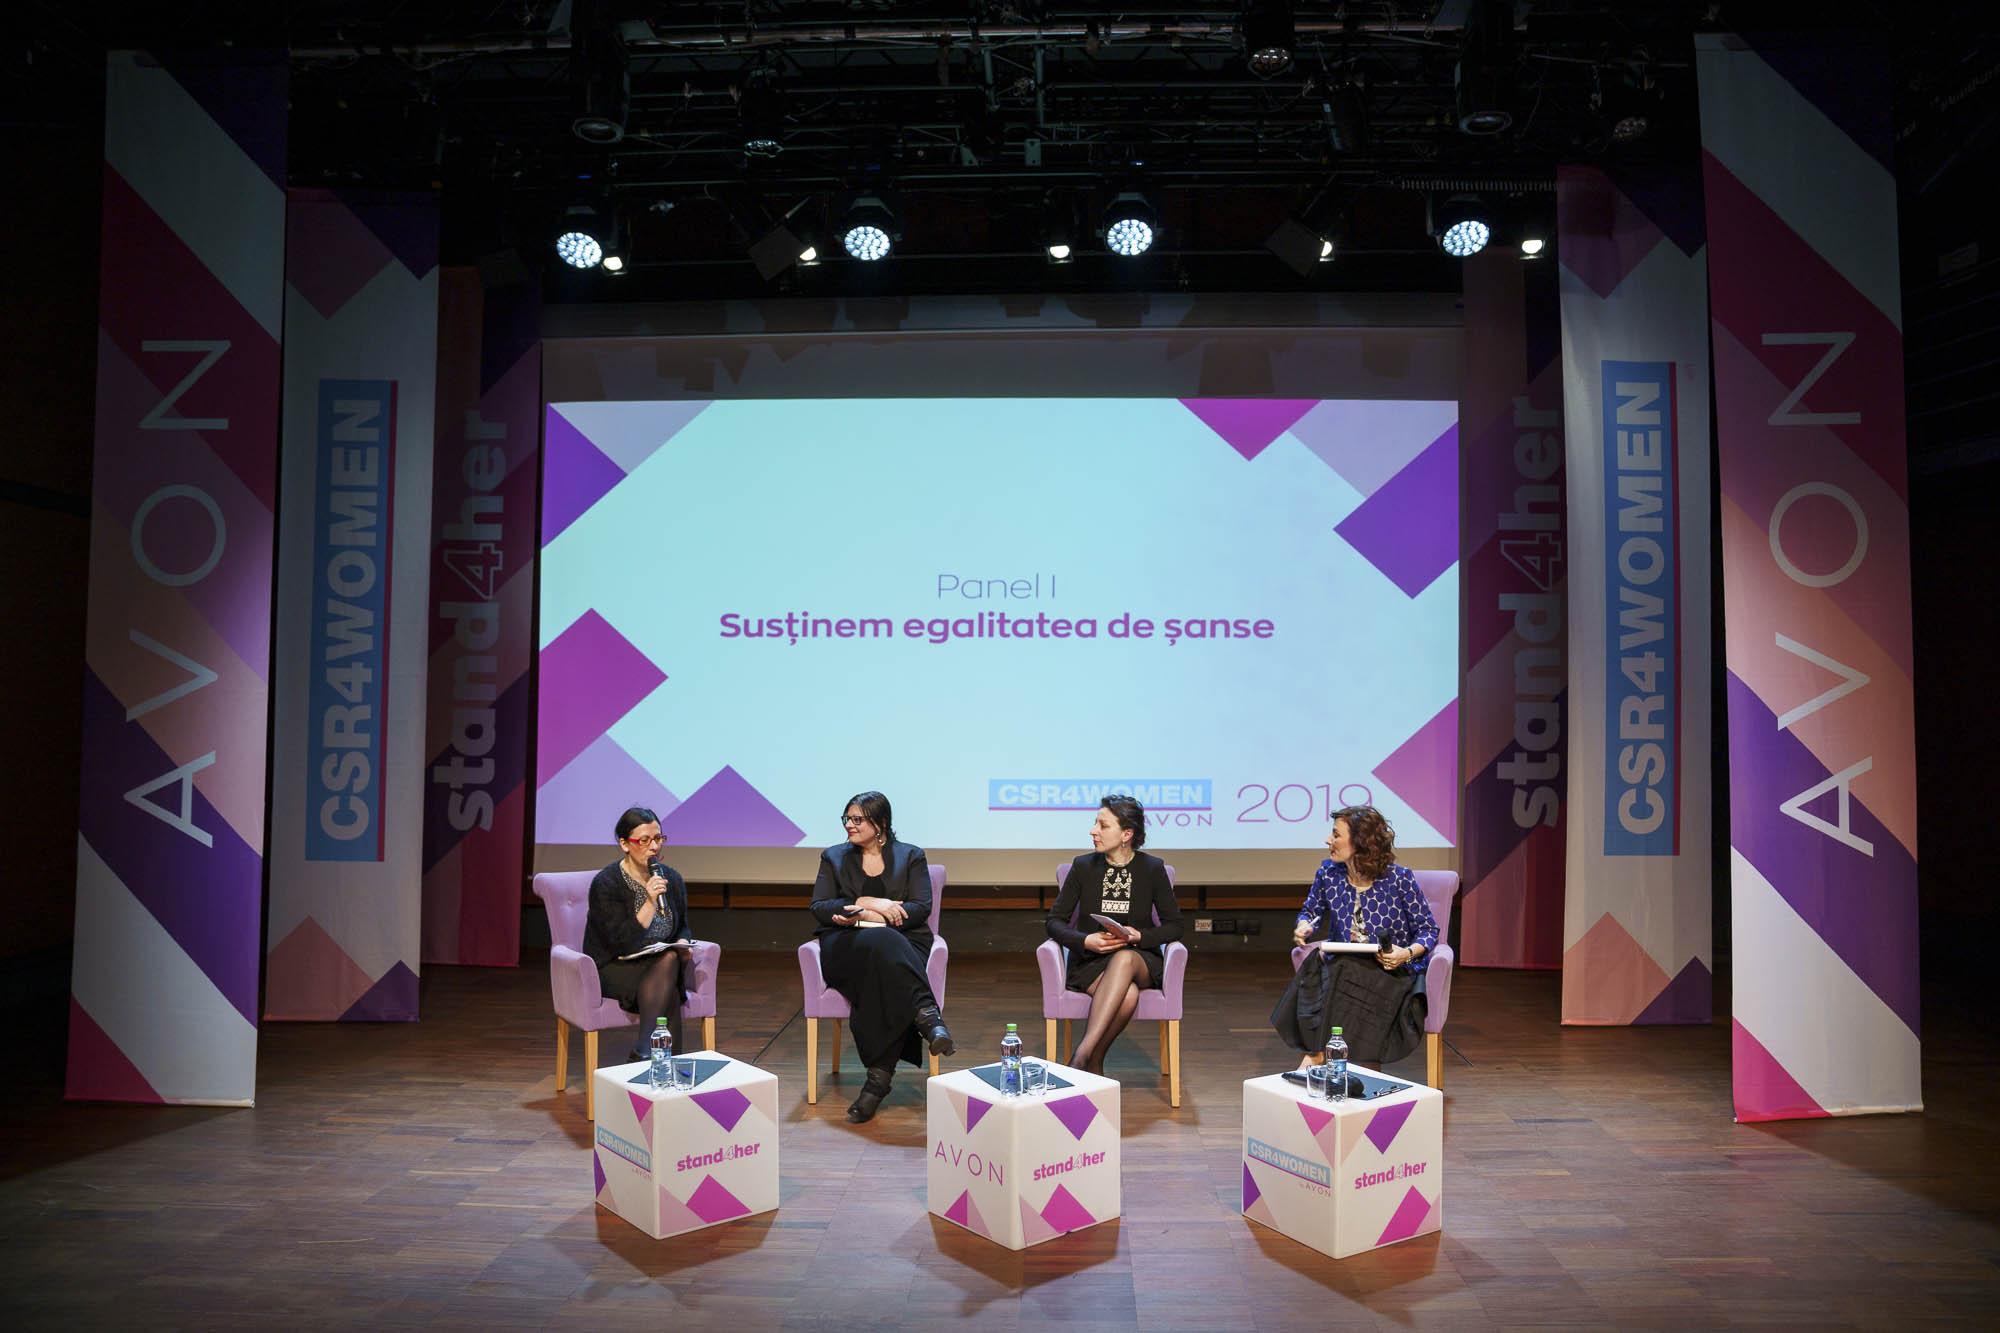 CSR4Women by AVON 2019: 10 proiecte și sute de mii de femei reprezentate în cadrul celei de-a șasea ediții